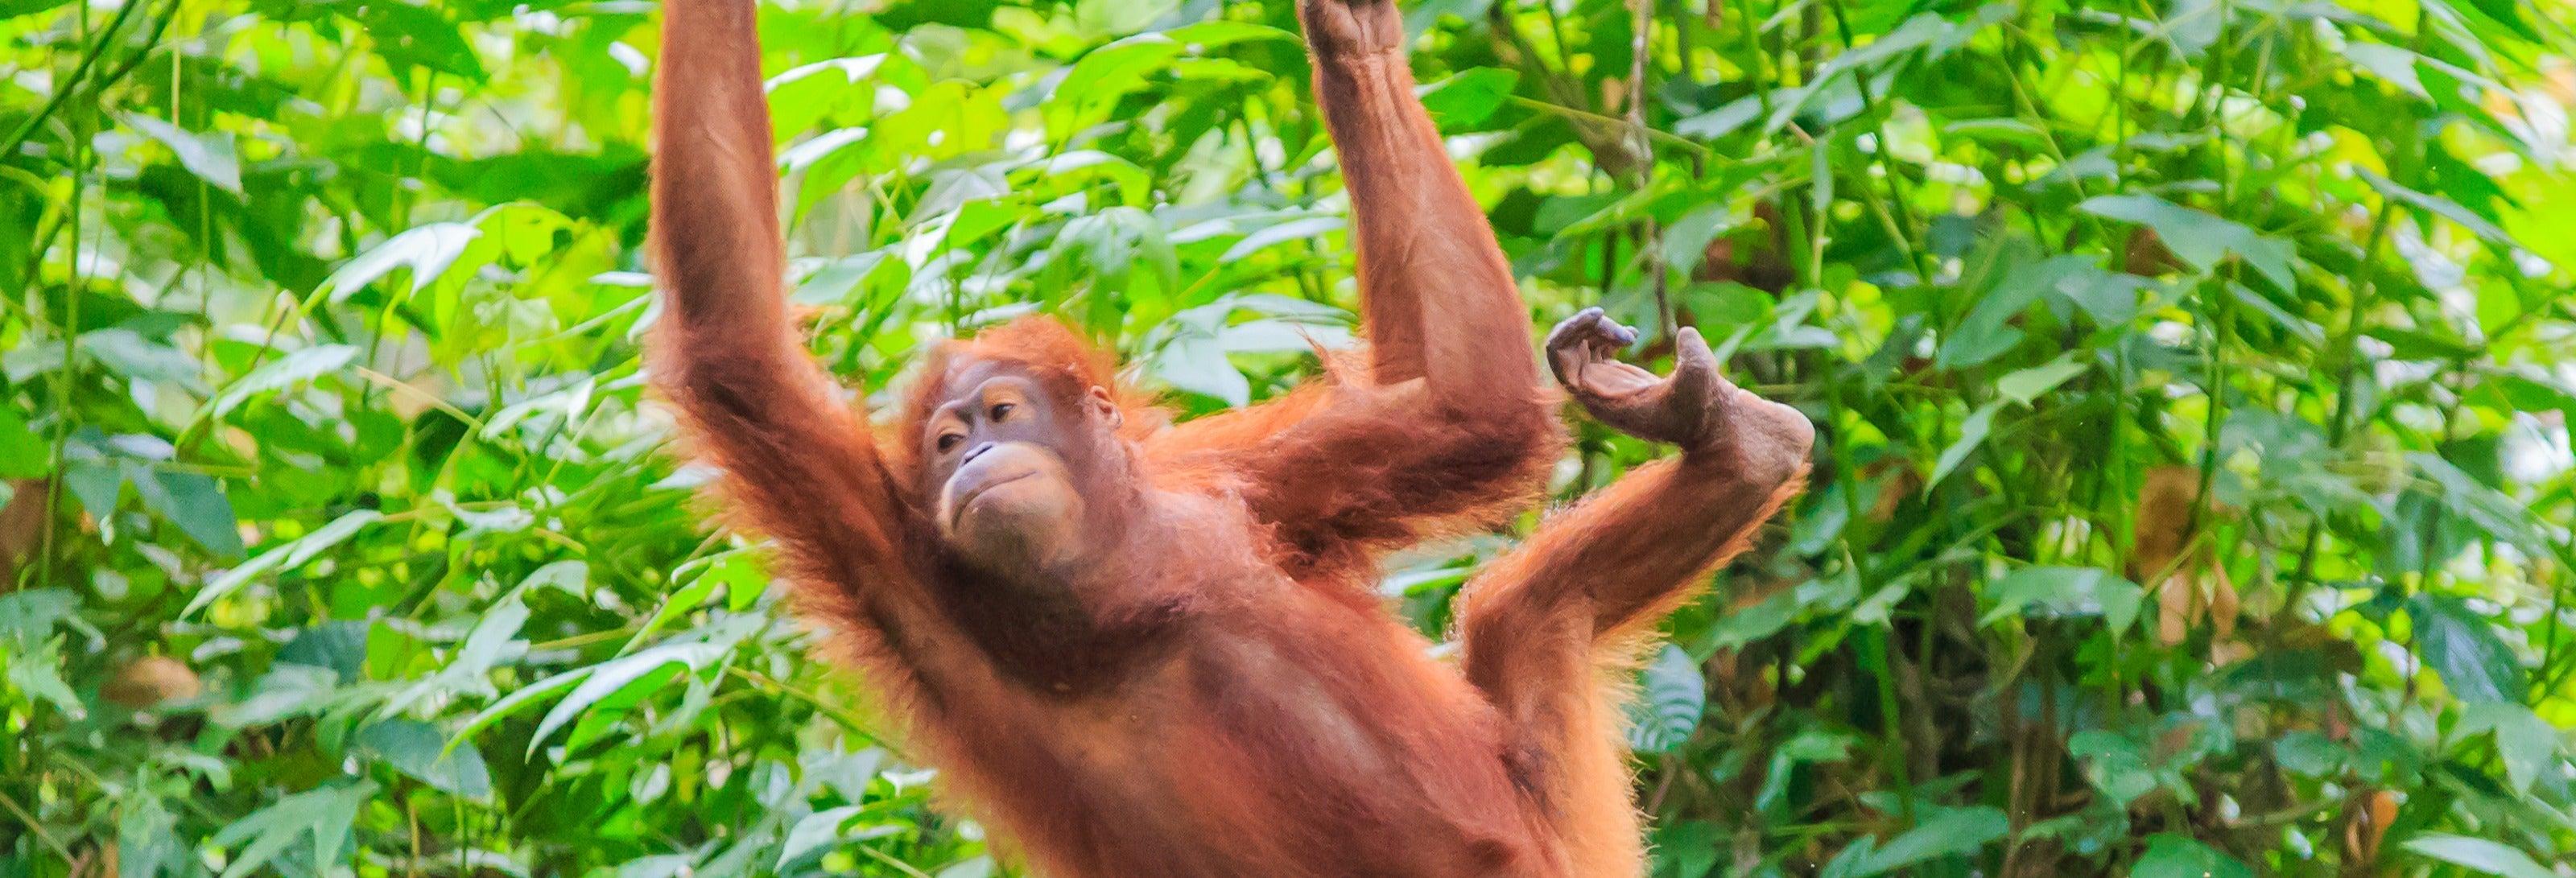 Crociera nel Borneo e visita agli oranghi